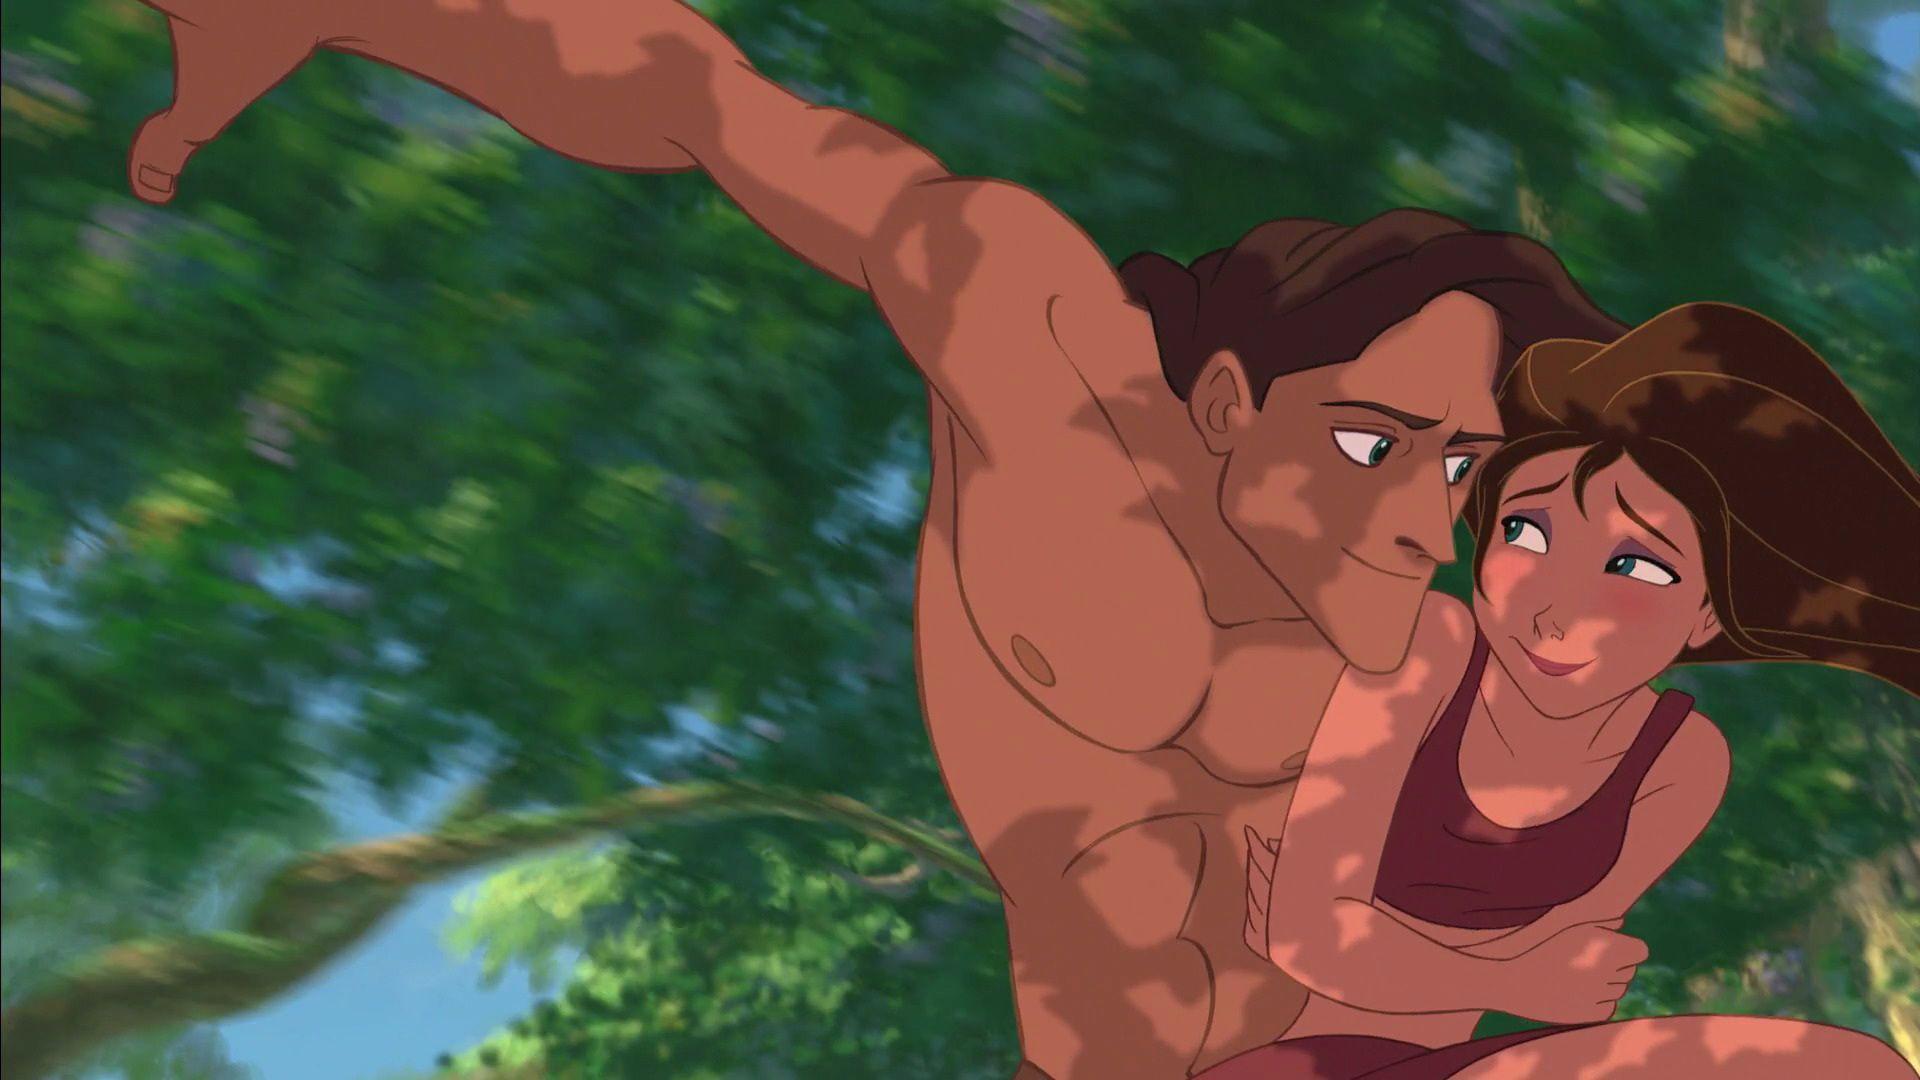 Tarzans Son Kerchak Wattpad